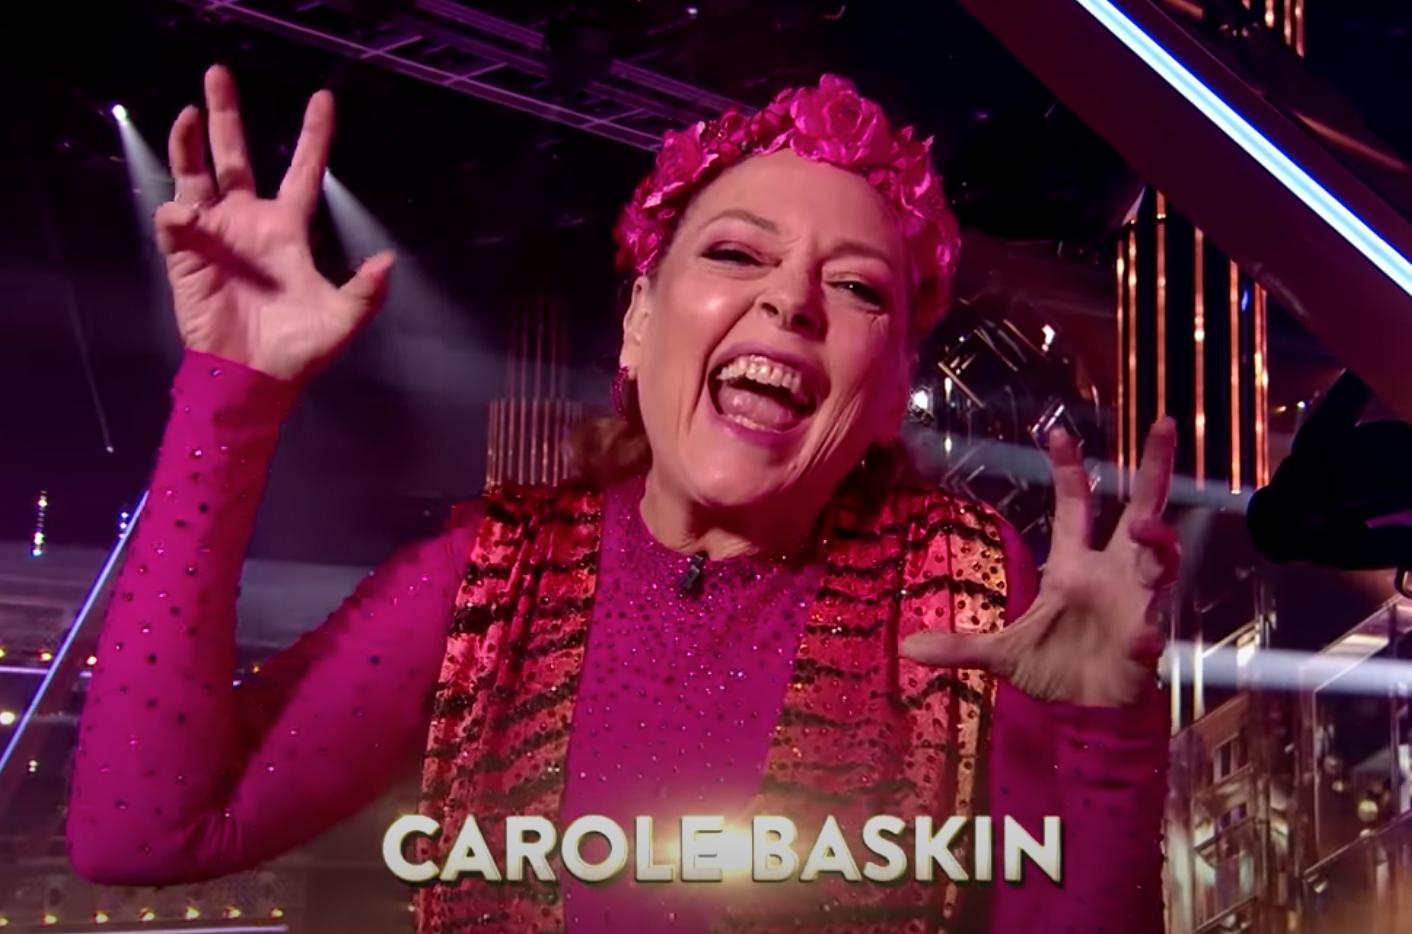 Carole Baskin making tiger claws